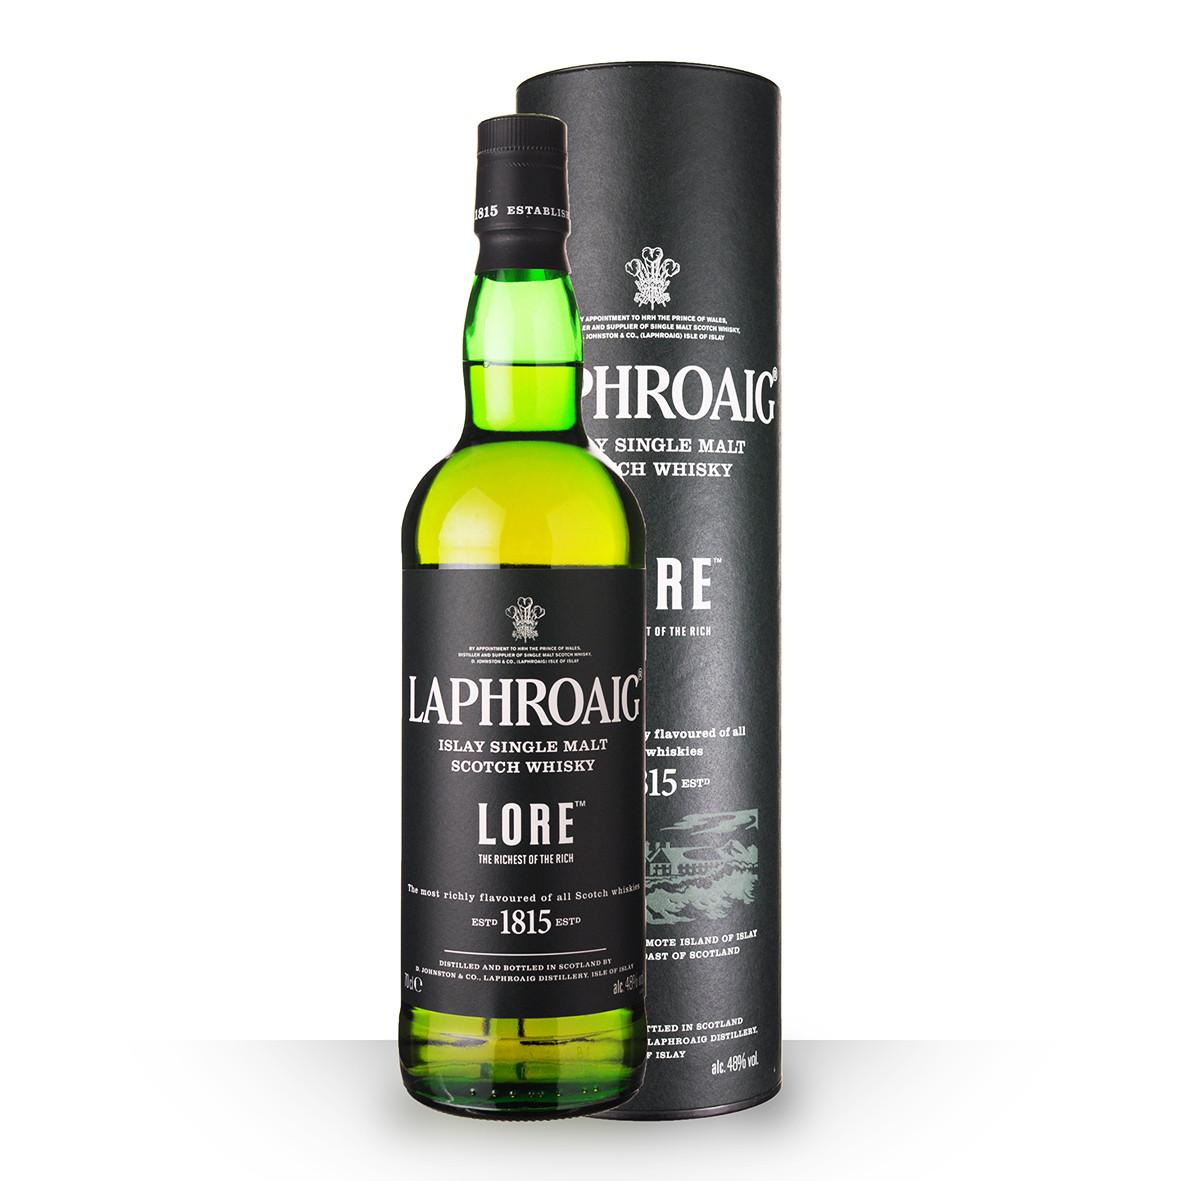 Whisky Laphroaig Lore 70cl Coffret www.odyssee-vins.com